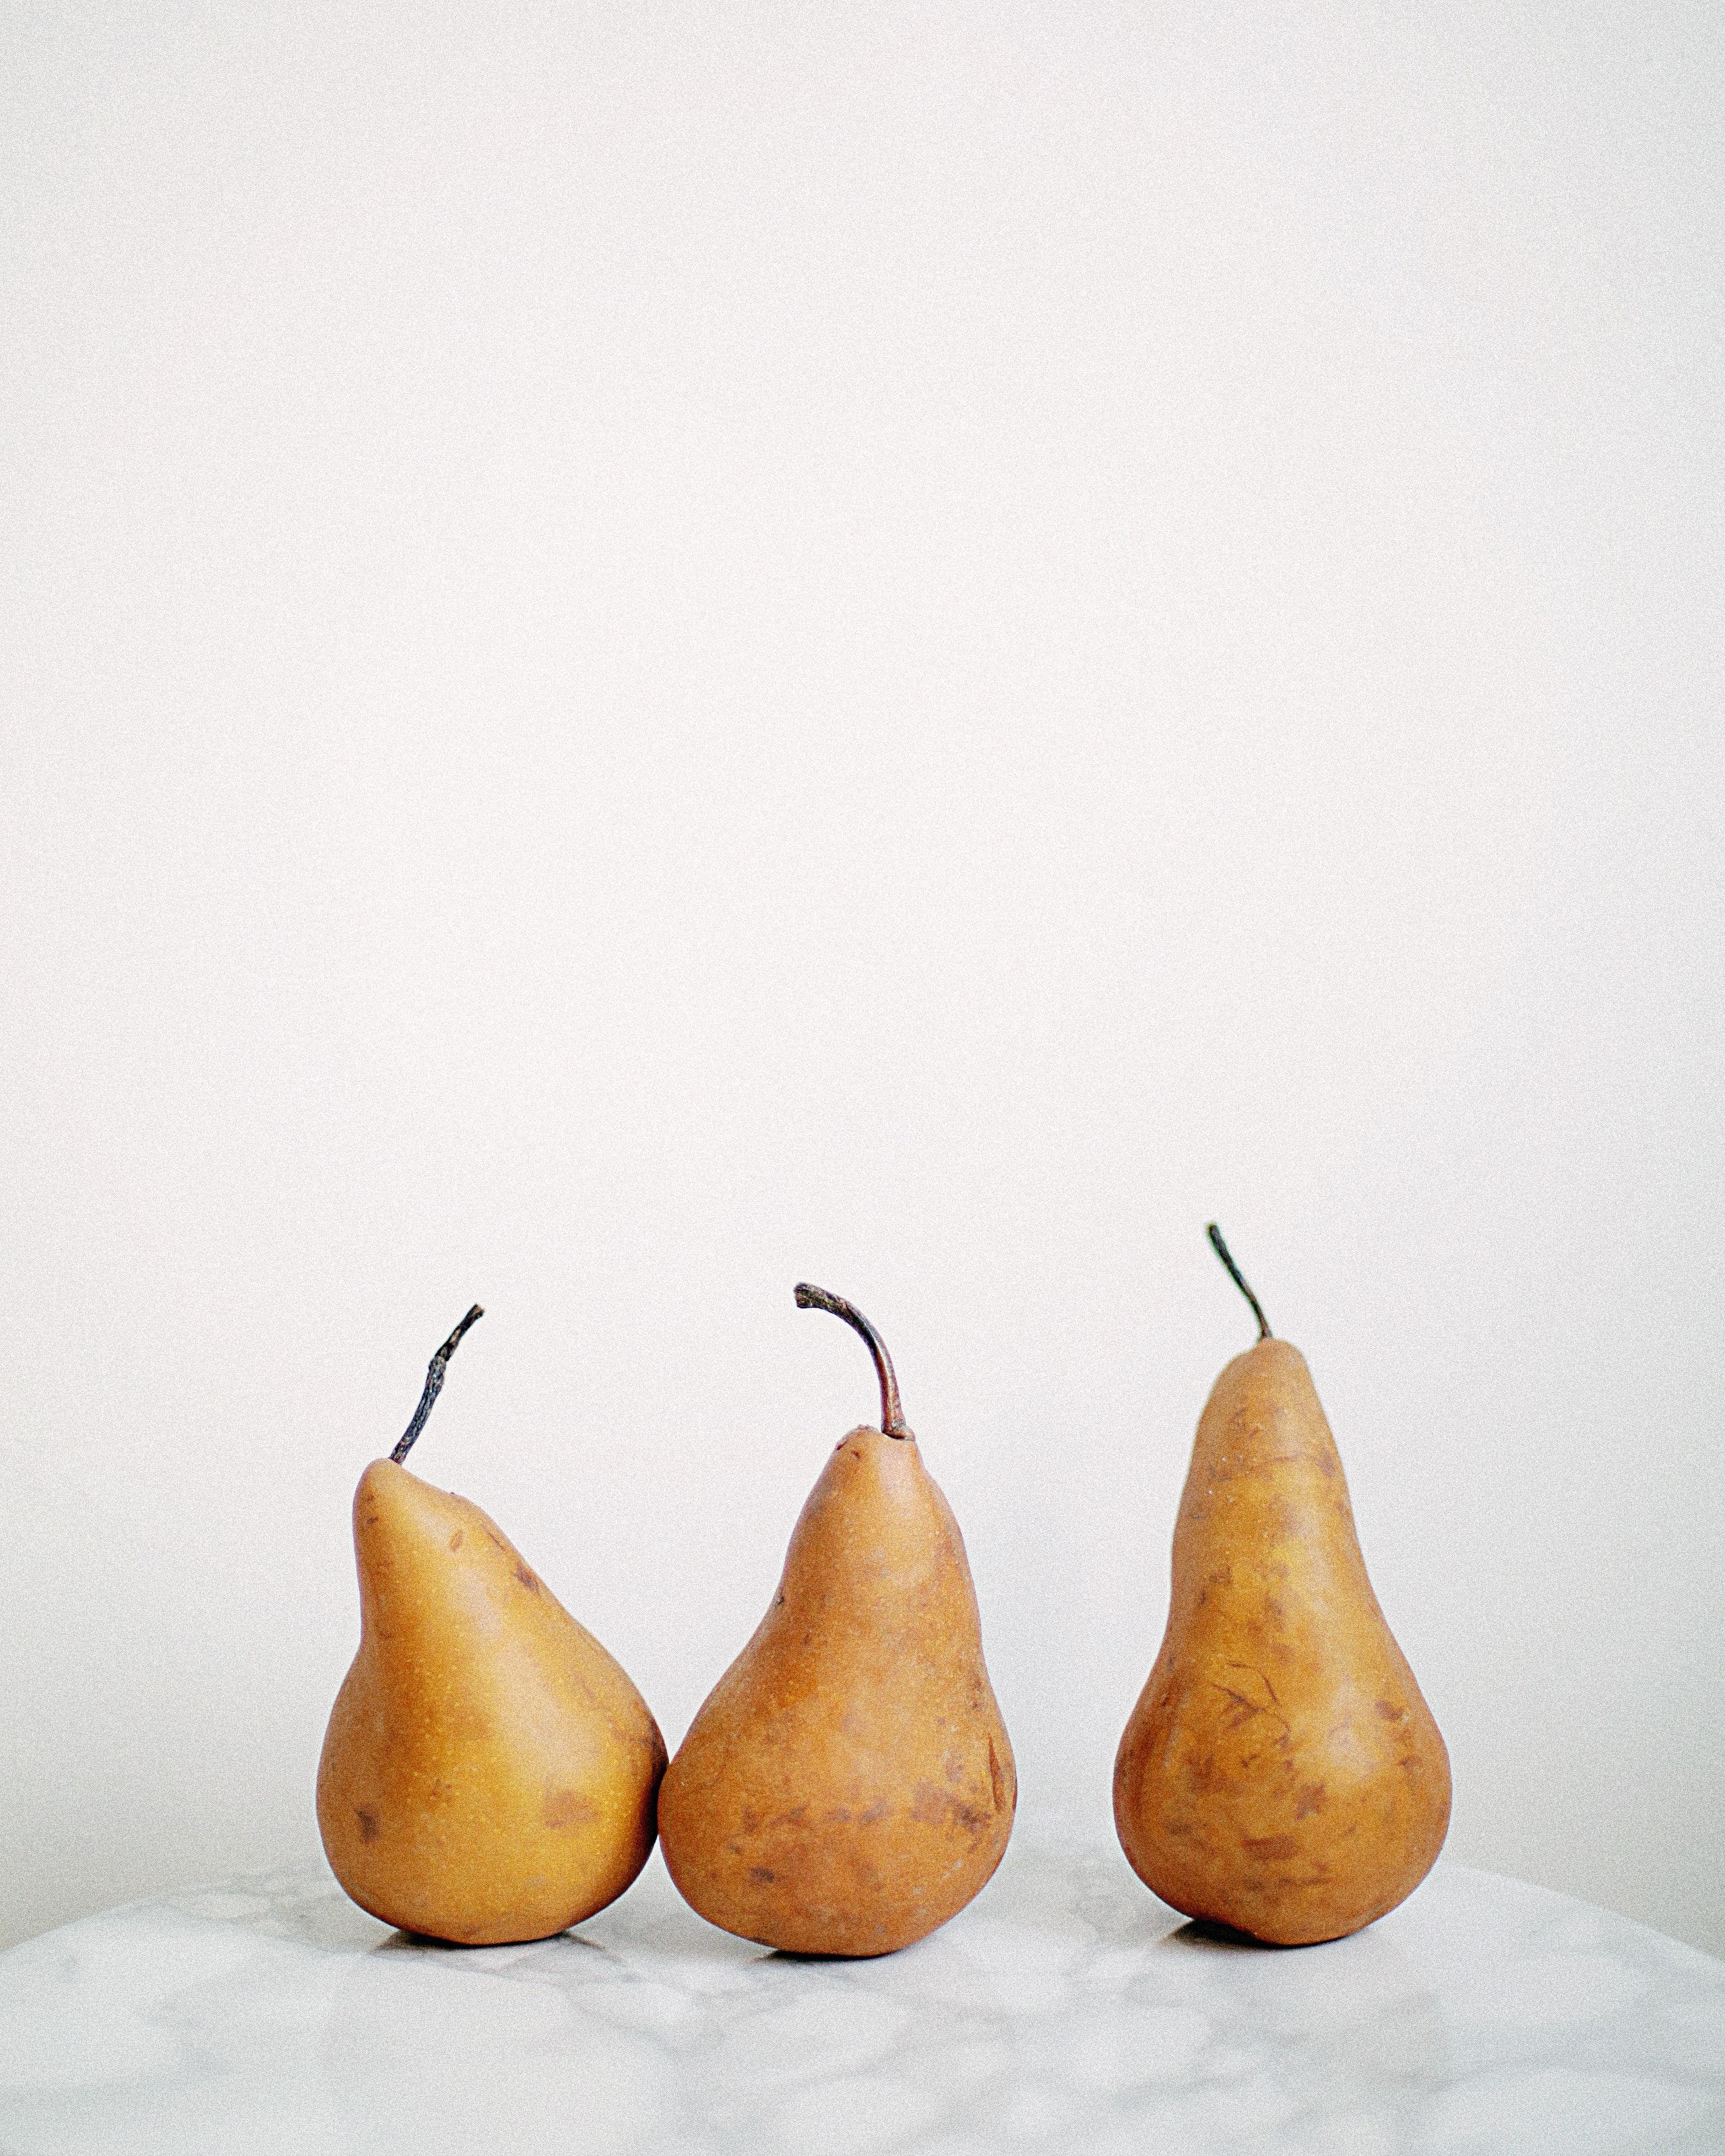 Three brown fruits on white textile photo